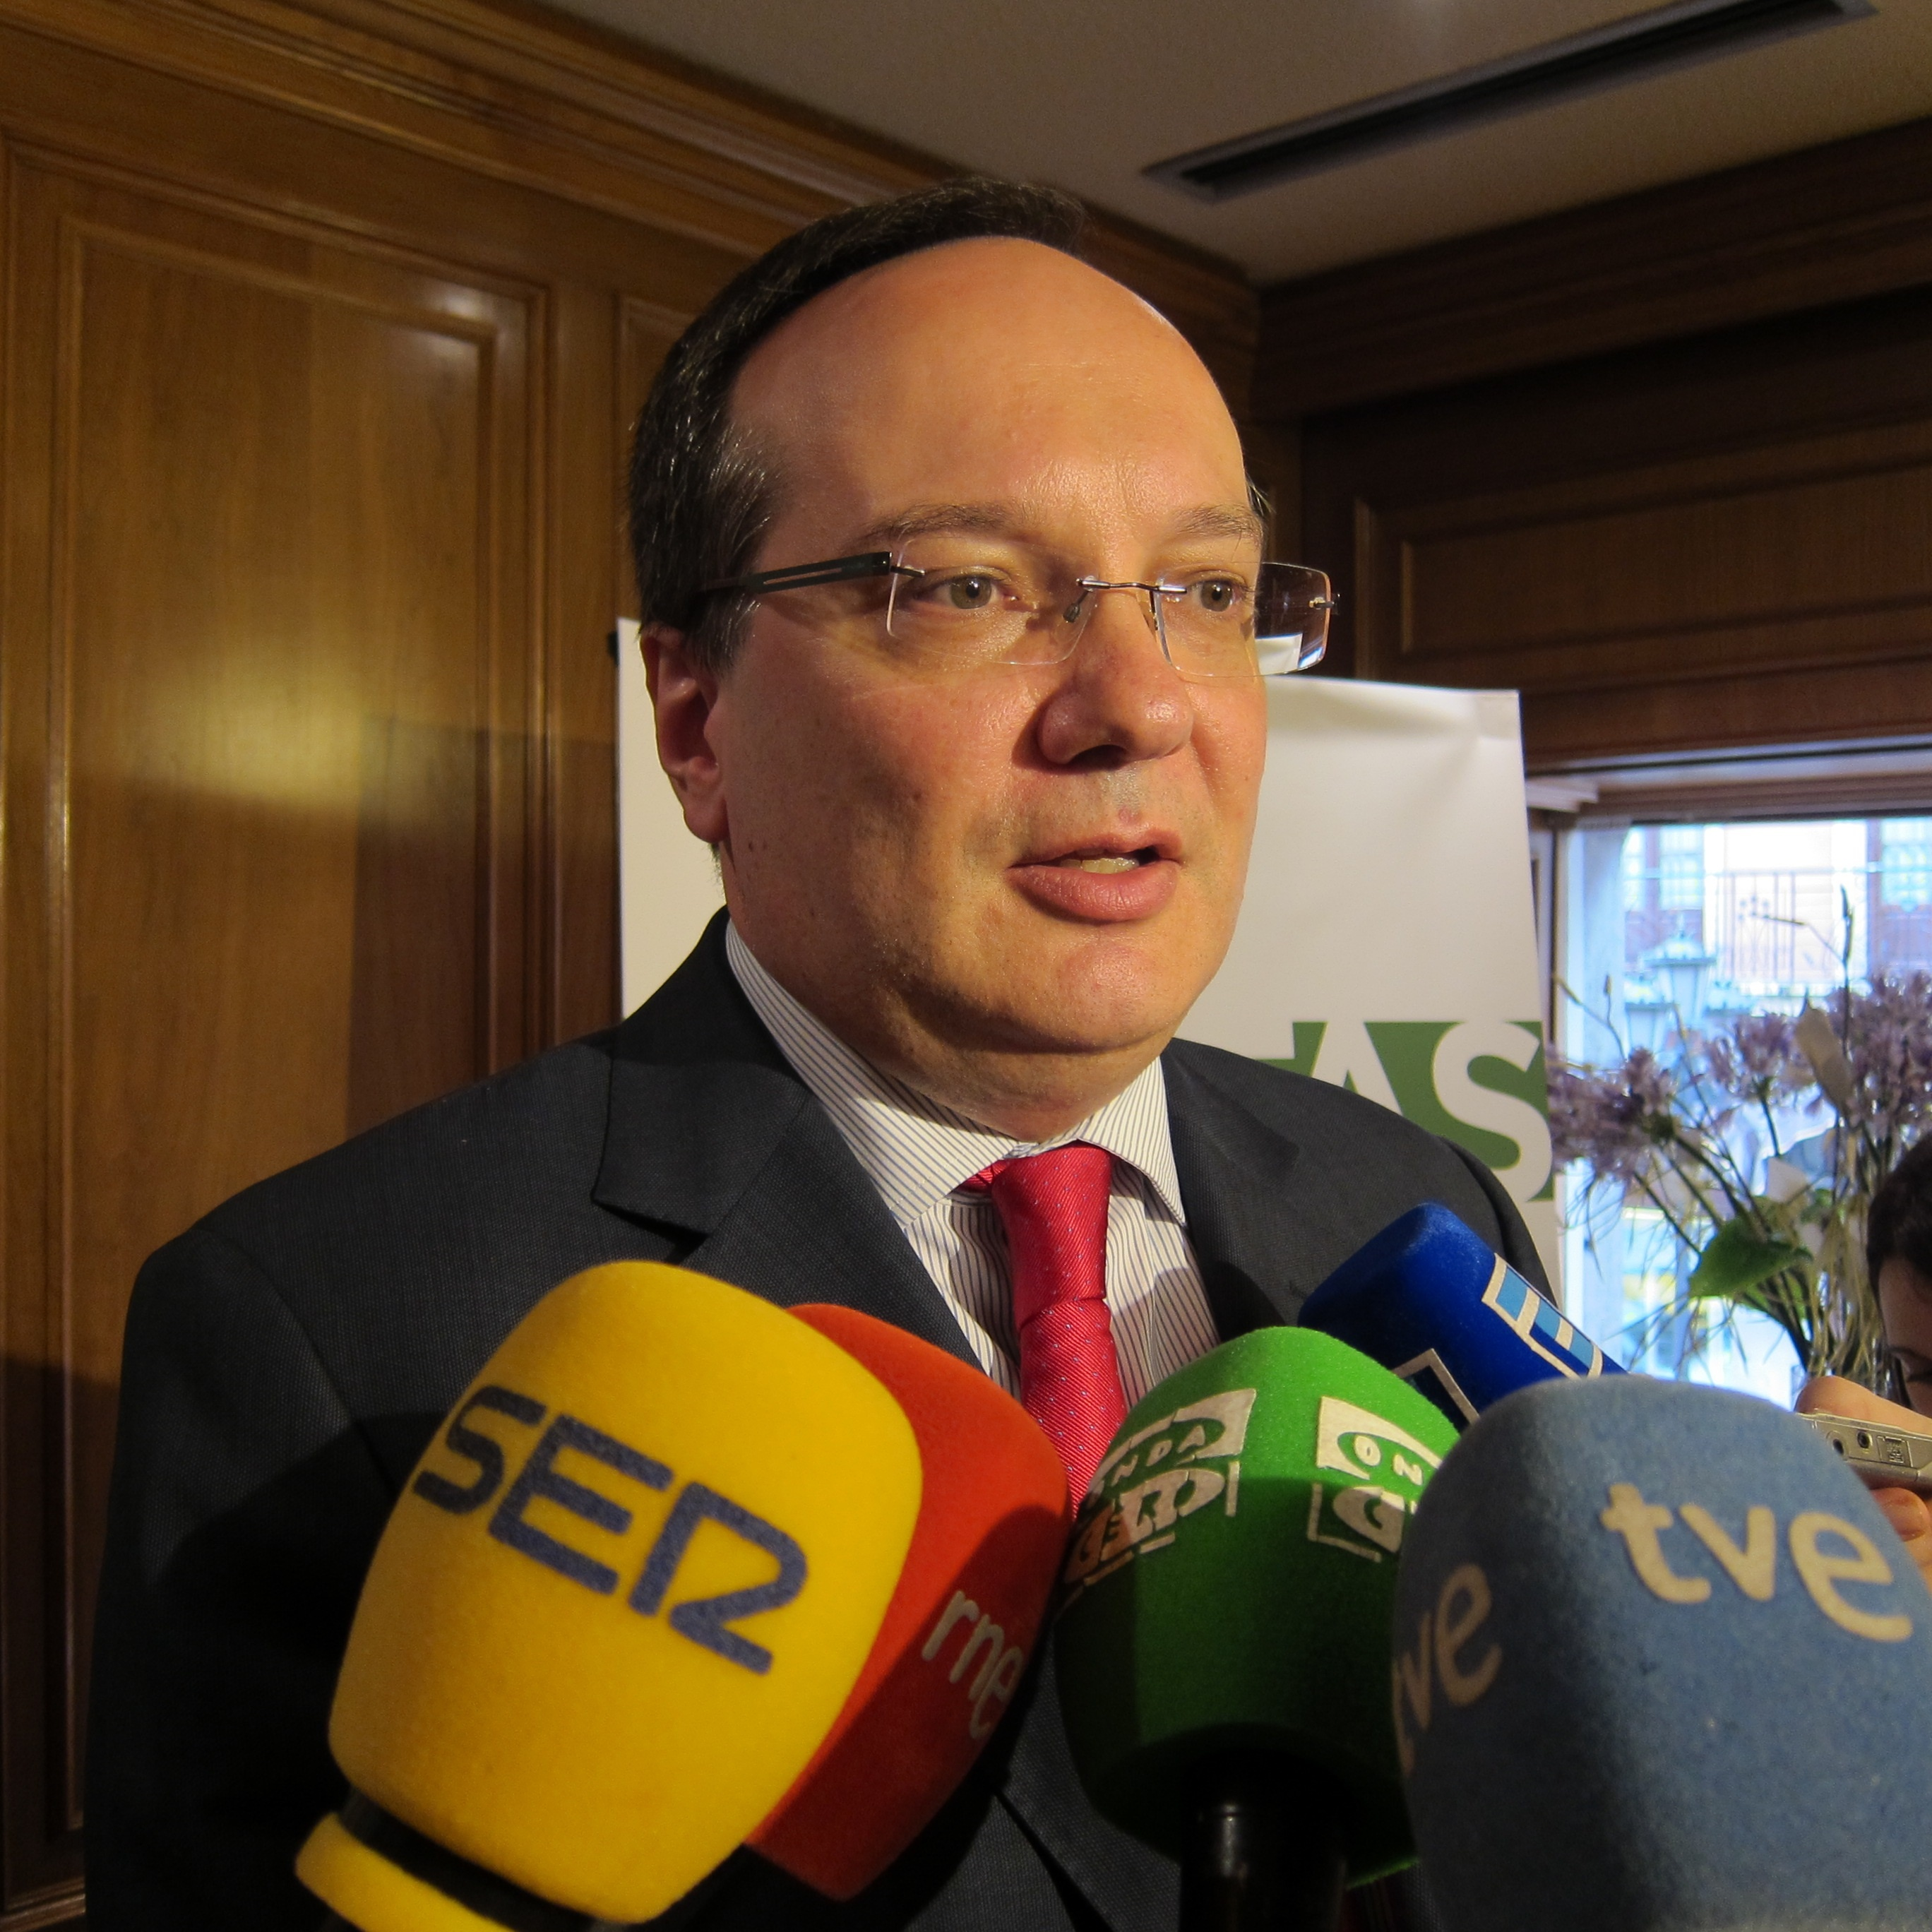 El nuevo presidente de Aefas cree que se avanza en la línea de la recuperación y 2014 será «un buen año»